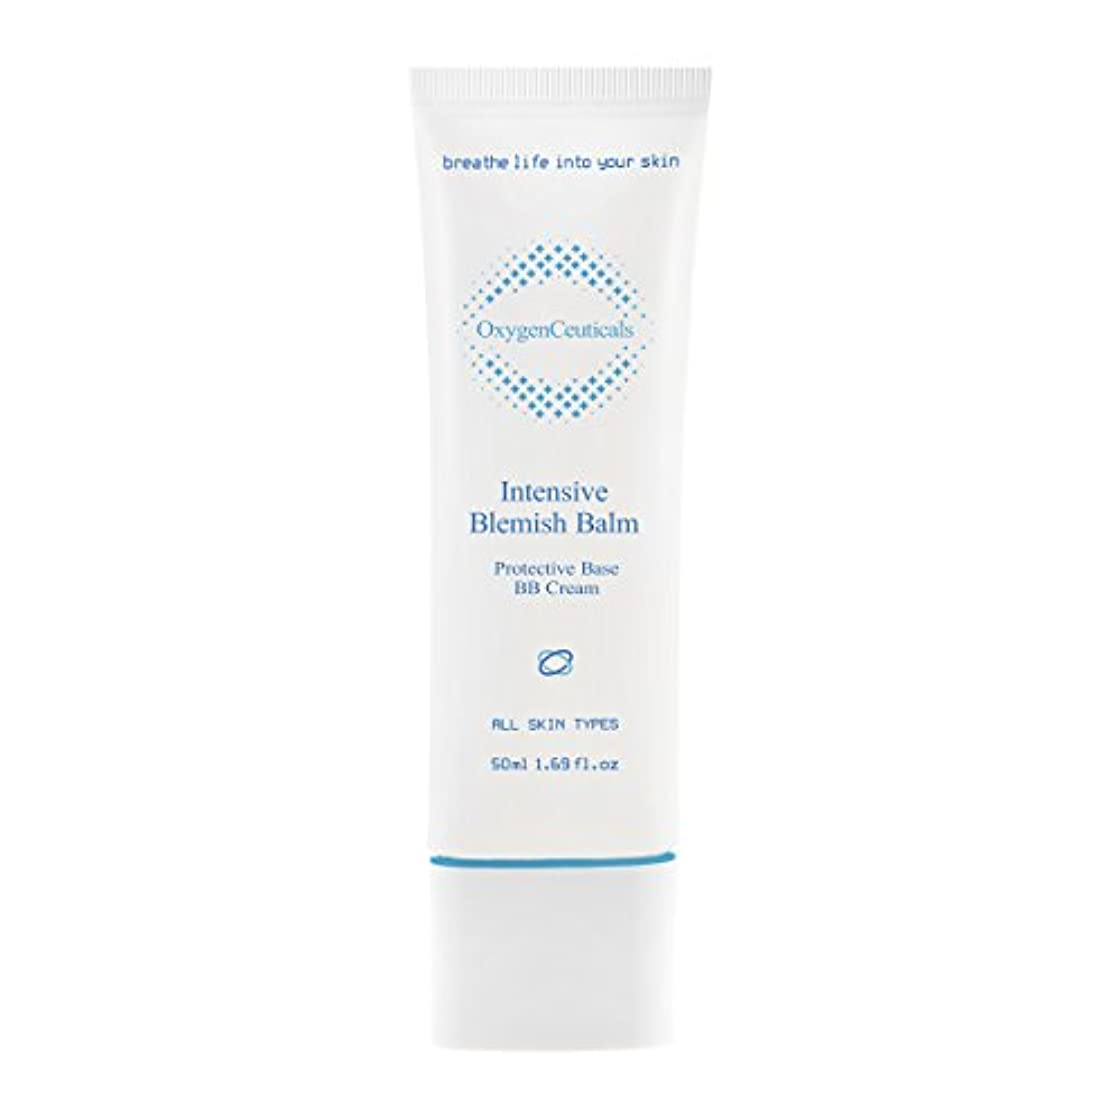 狭い親密なパンサー[ Oxygen Ceuticals ] オキシジェンシューティカルズ 酸素BBクリーム[再.生BB] 50ml. Intensive Blemish Balm(BB Cream) 50ml. X Mask Pack 1p.